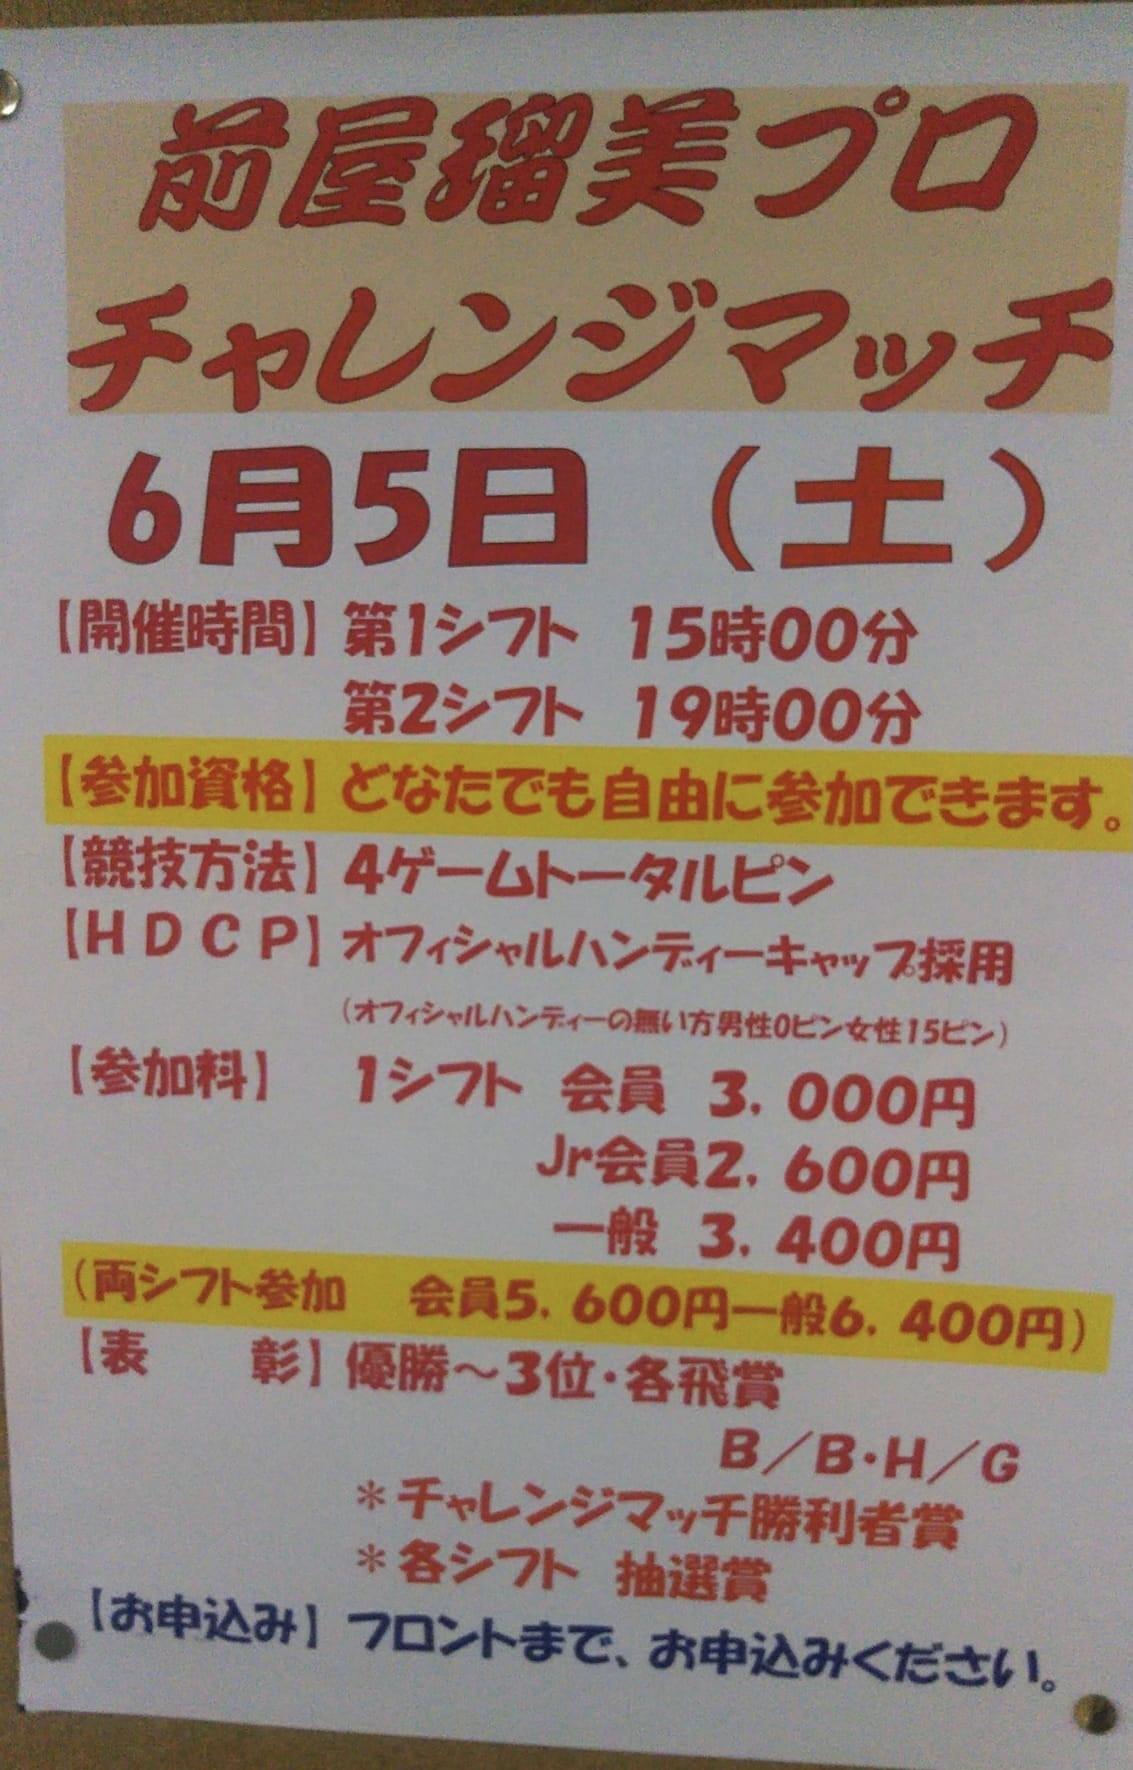 84751AF0-55C9-4033-86BE-7BE69FF11331.jpeg